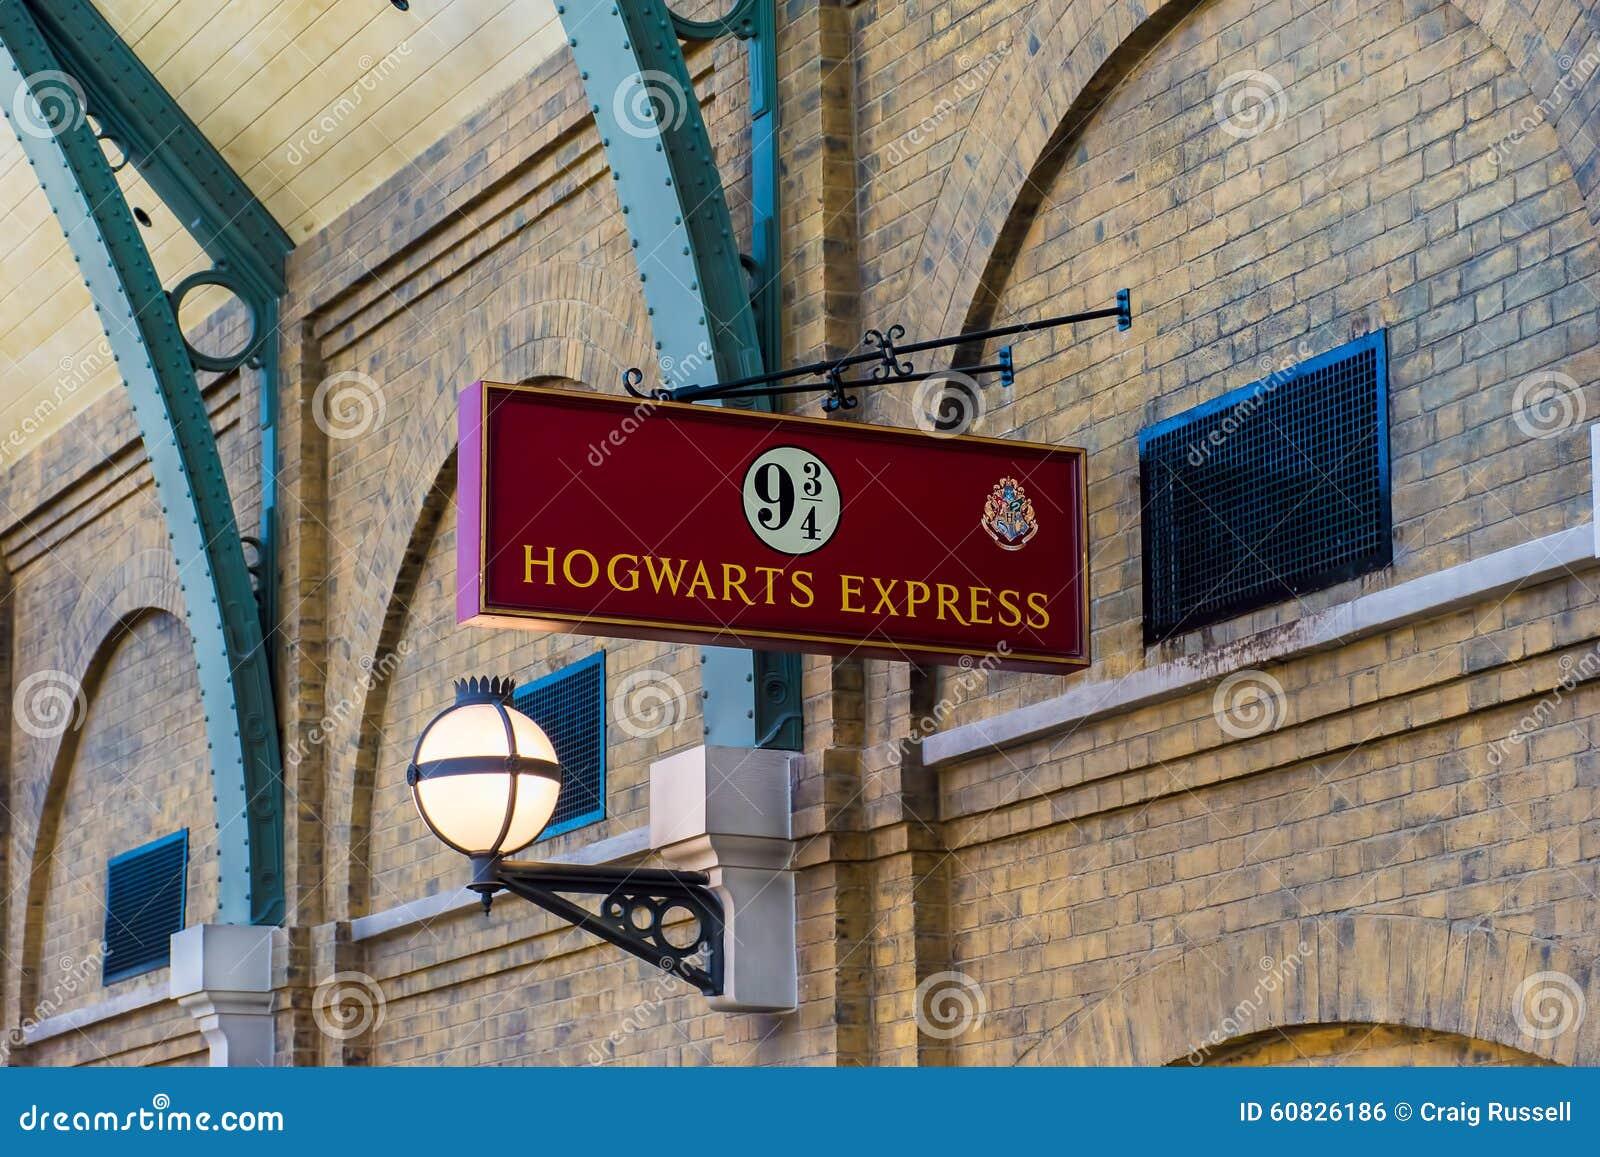 Muestra expresa de Hogwarts de los estudios universales